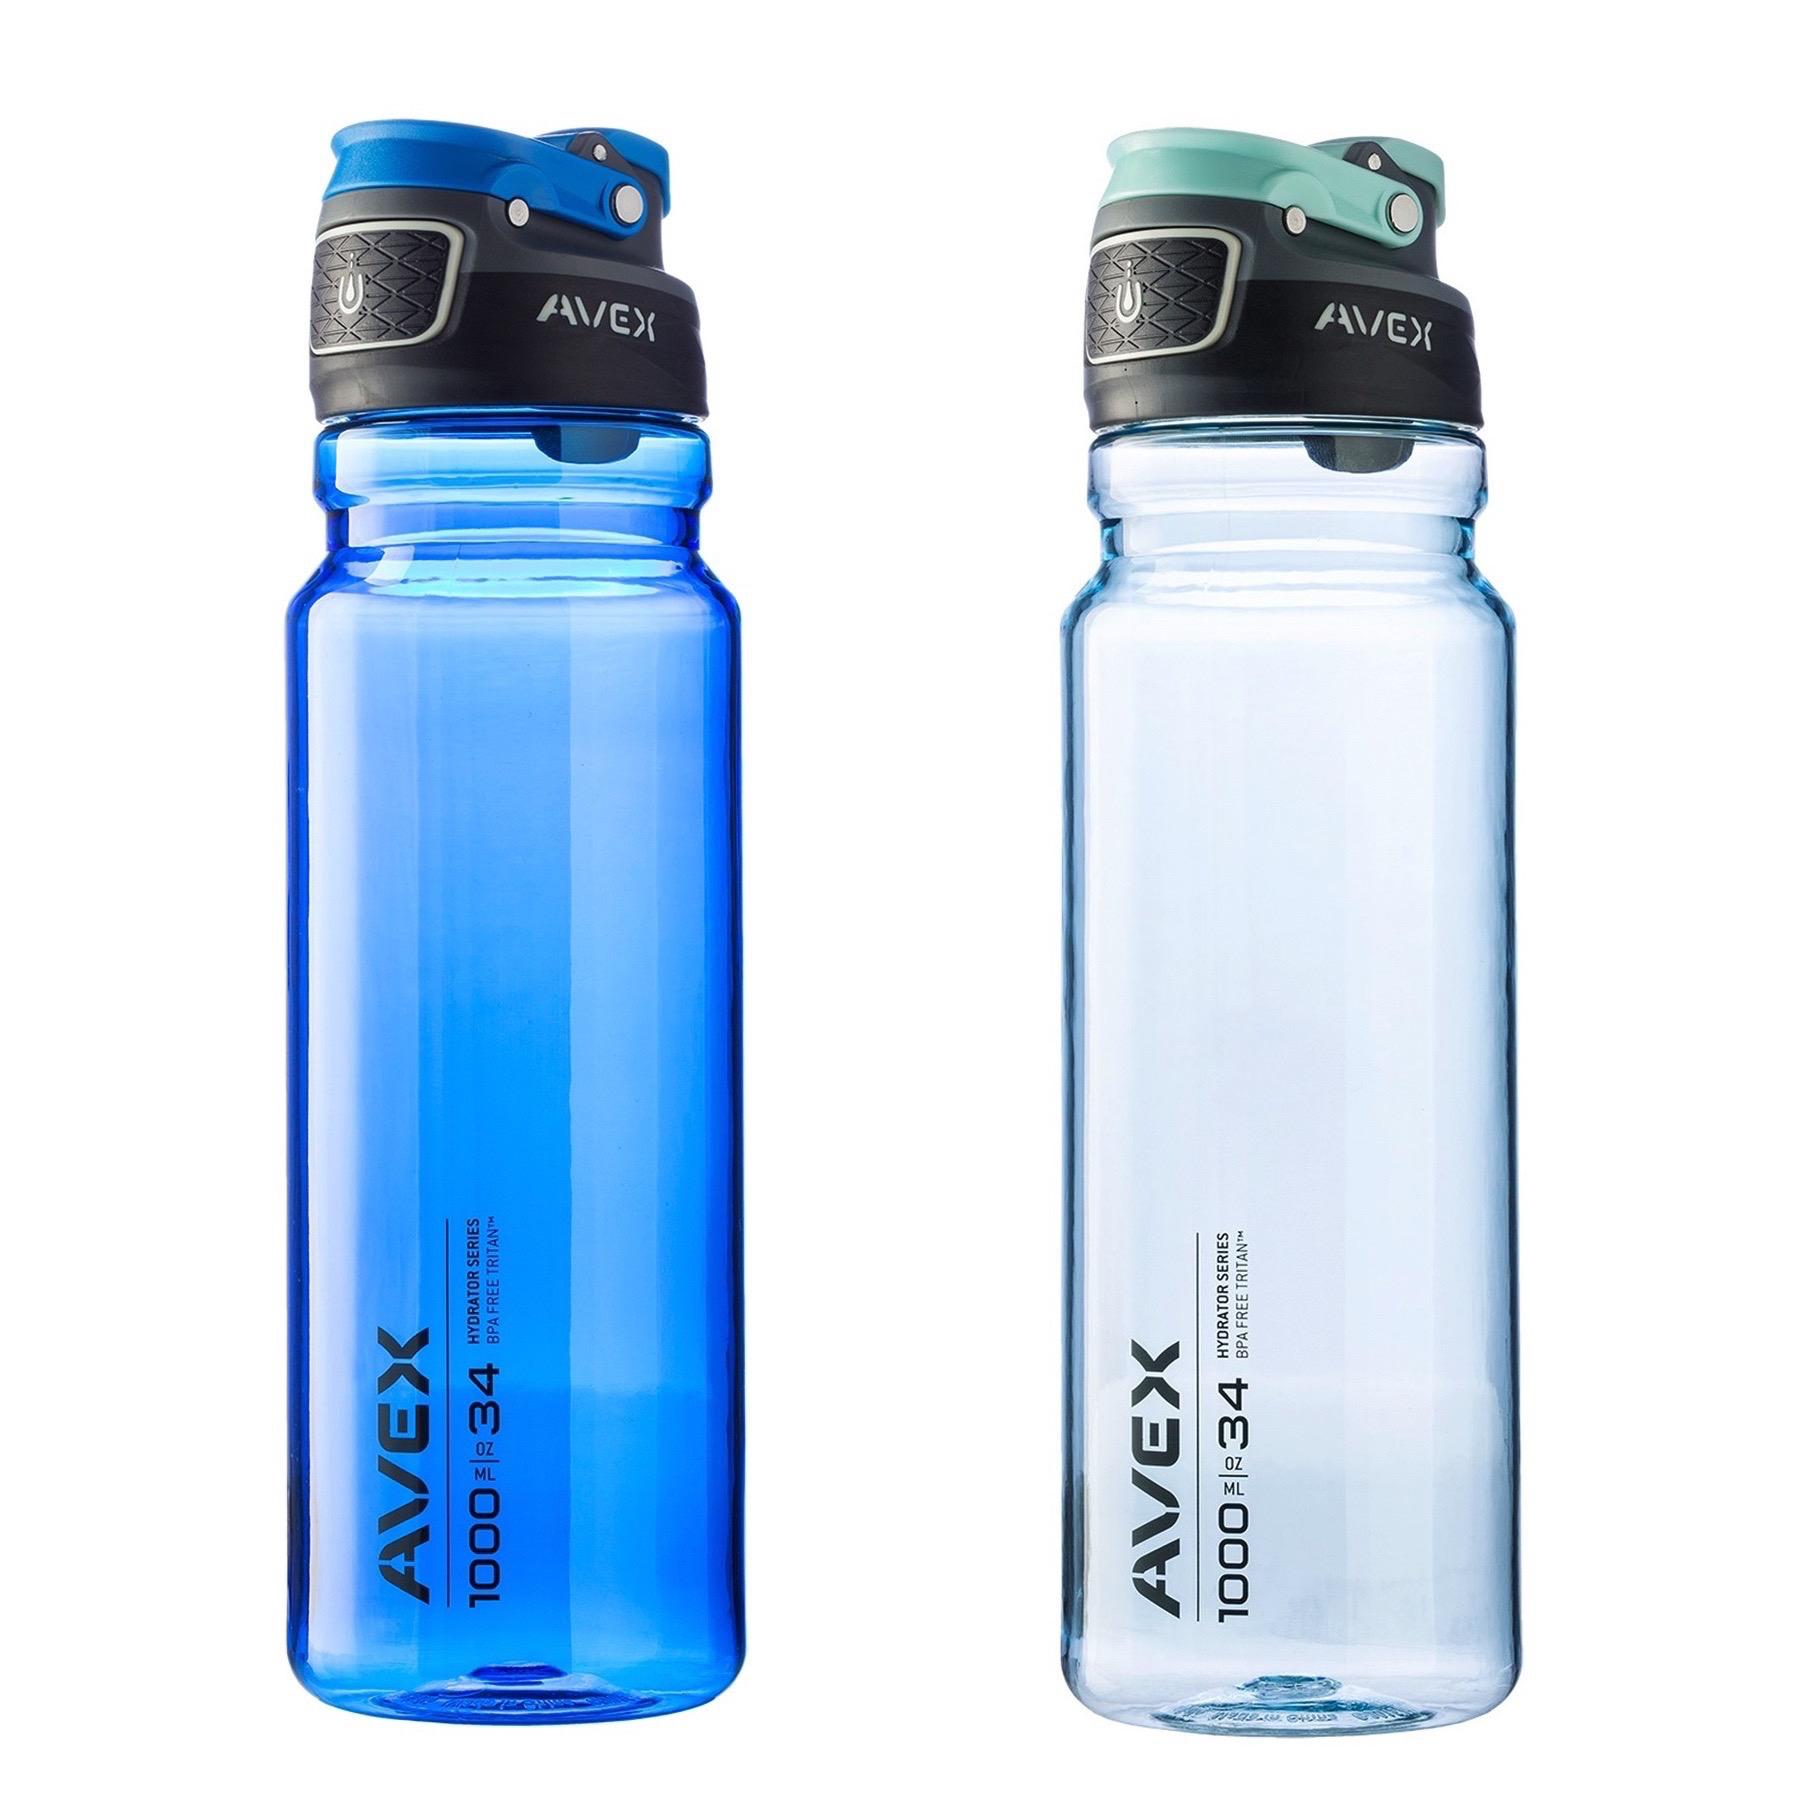 Avex FreeFlow Autoseal 34oz Plastic Water Bottle Combo Kit Ocean Blue & Ice Blue